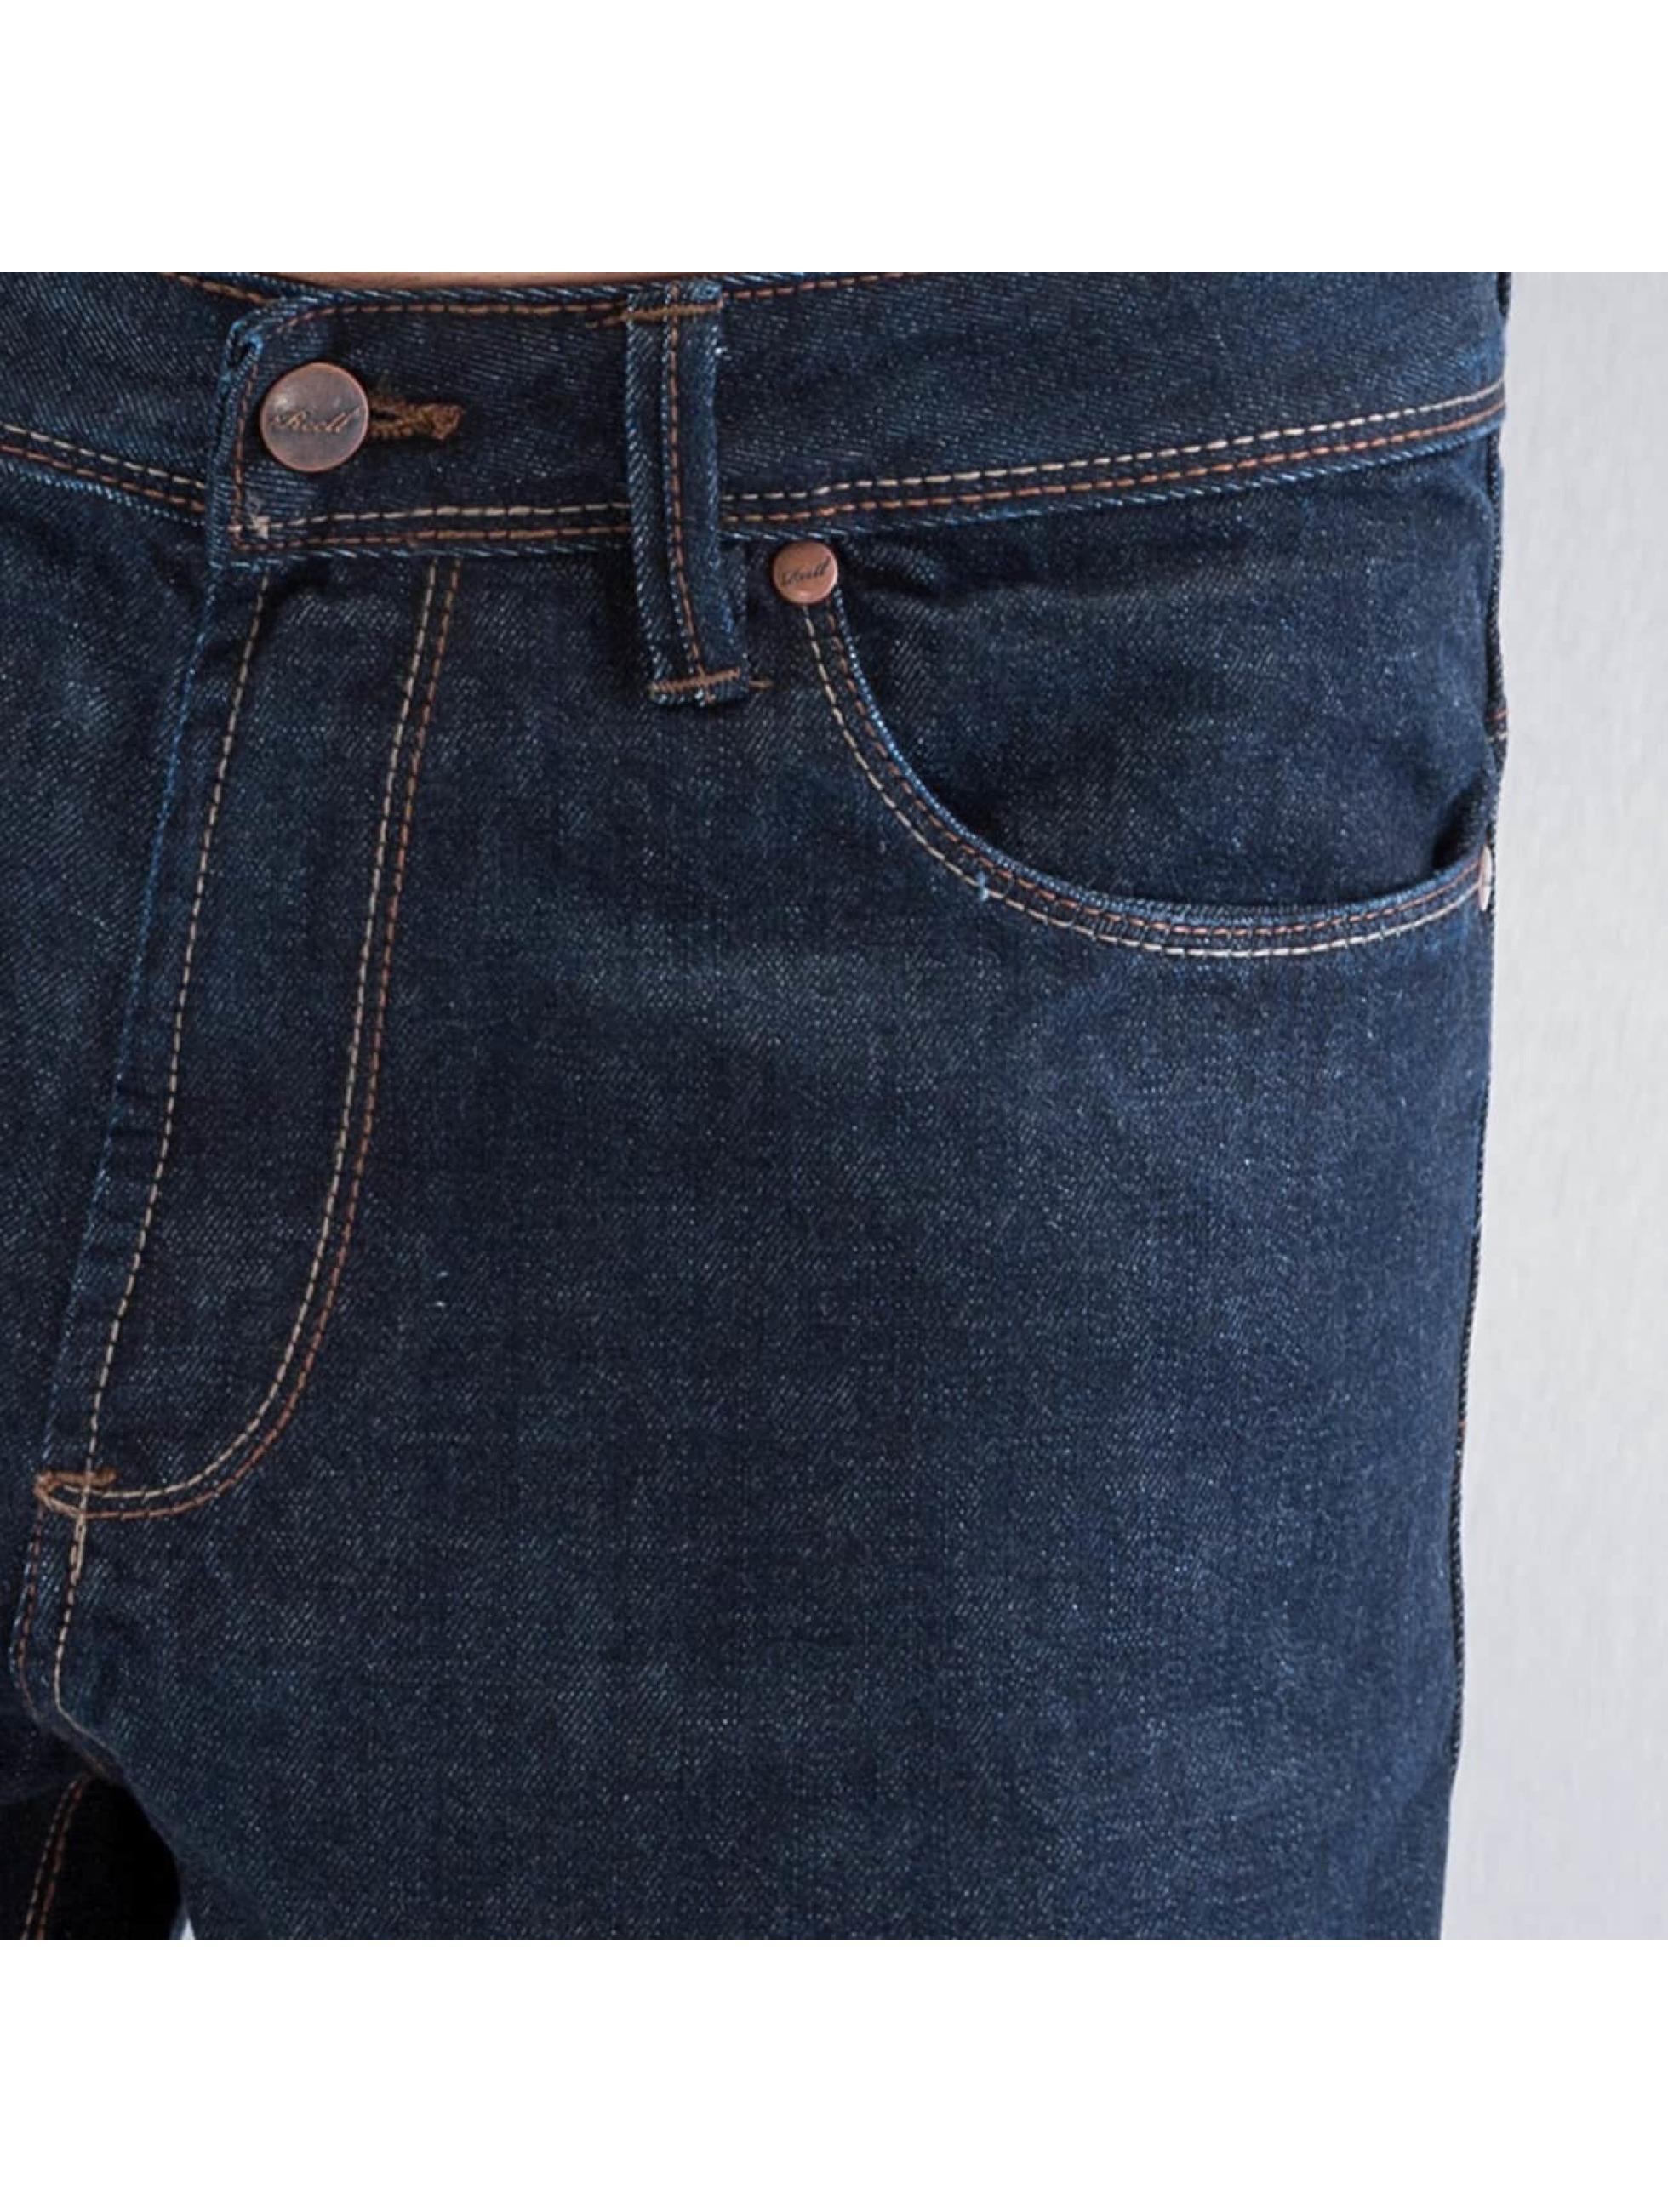 Reell Jeans Jeans baggy Drifter blu